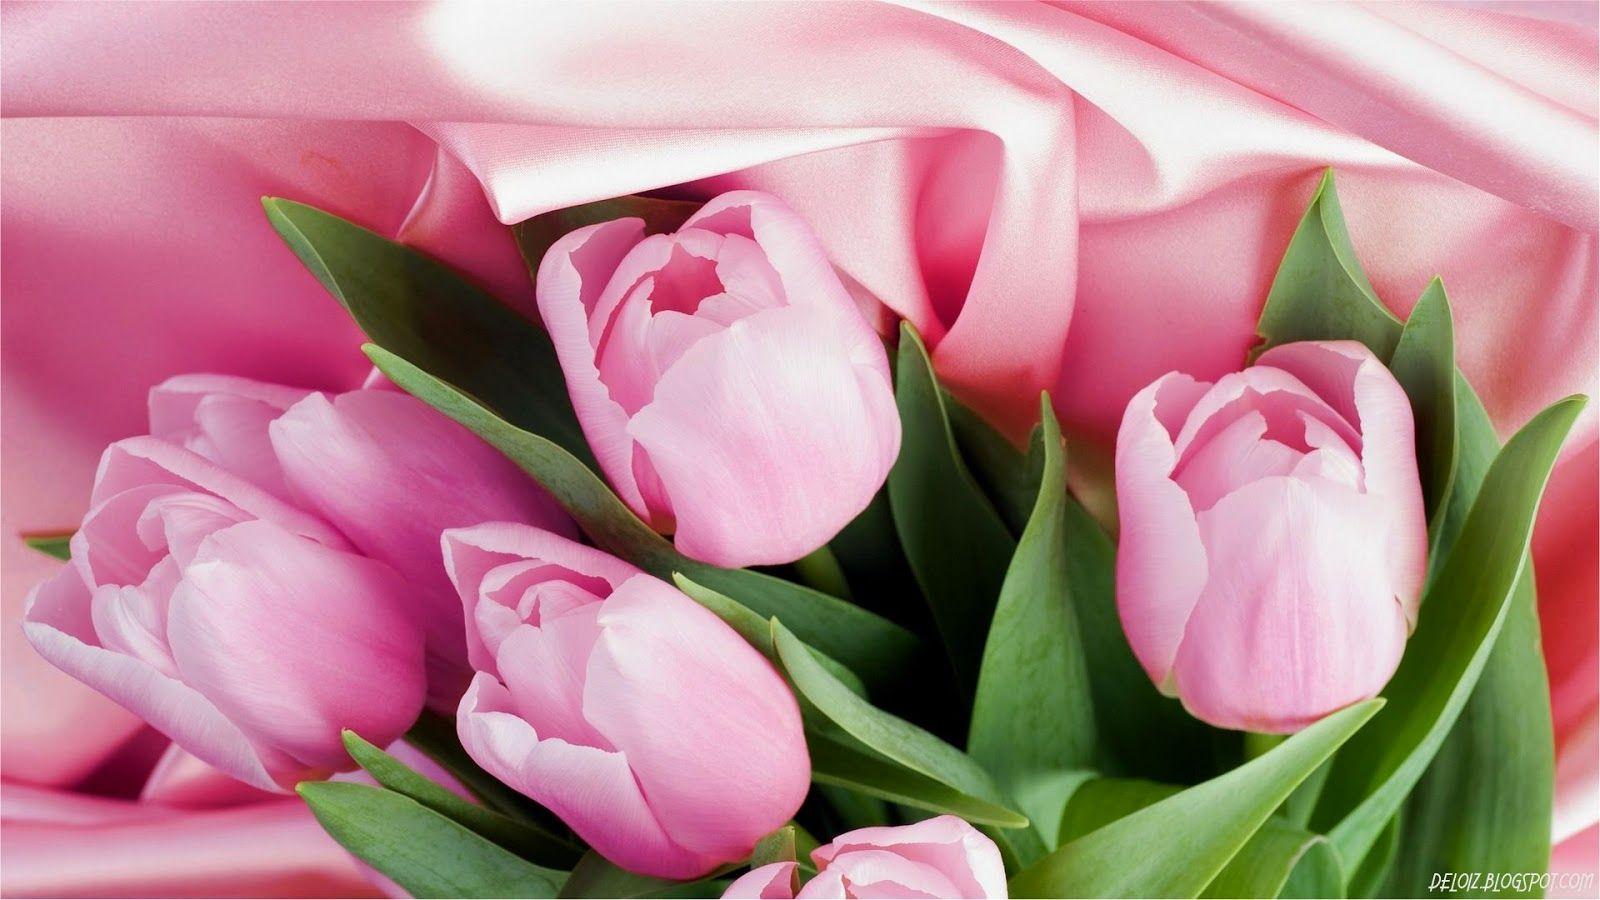 Wallpaper Bunga Tulip